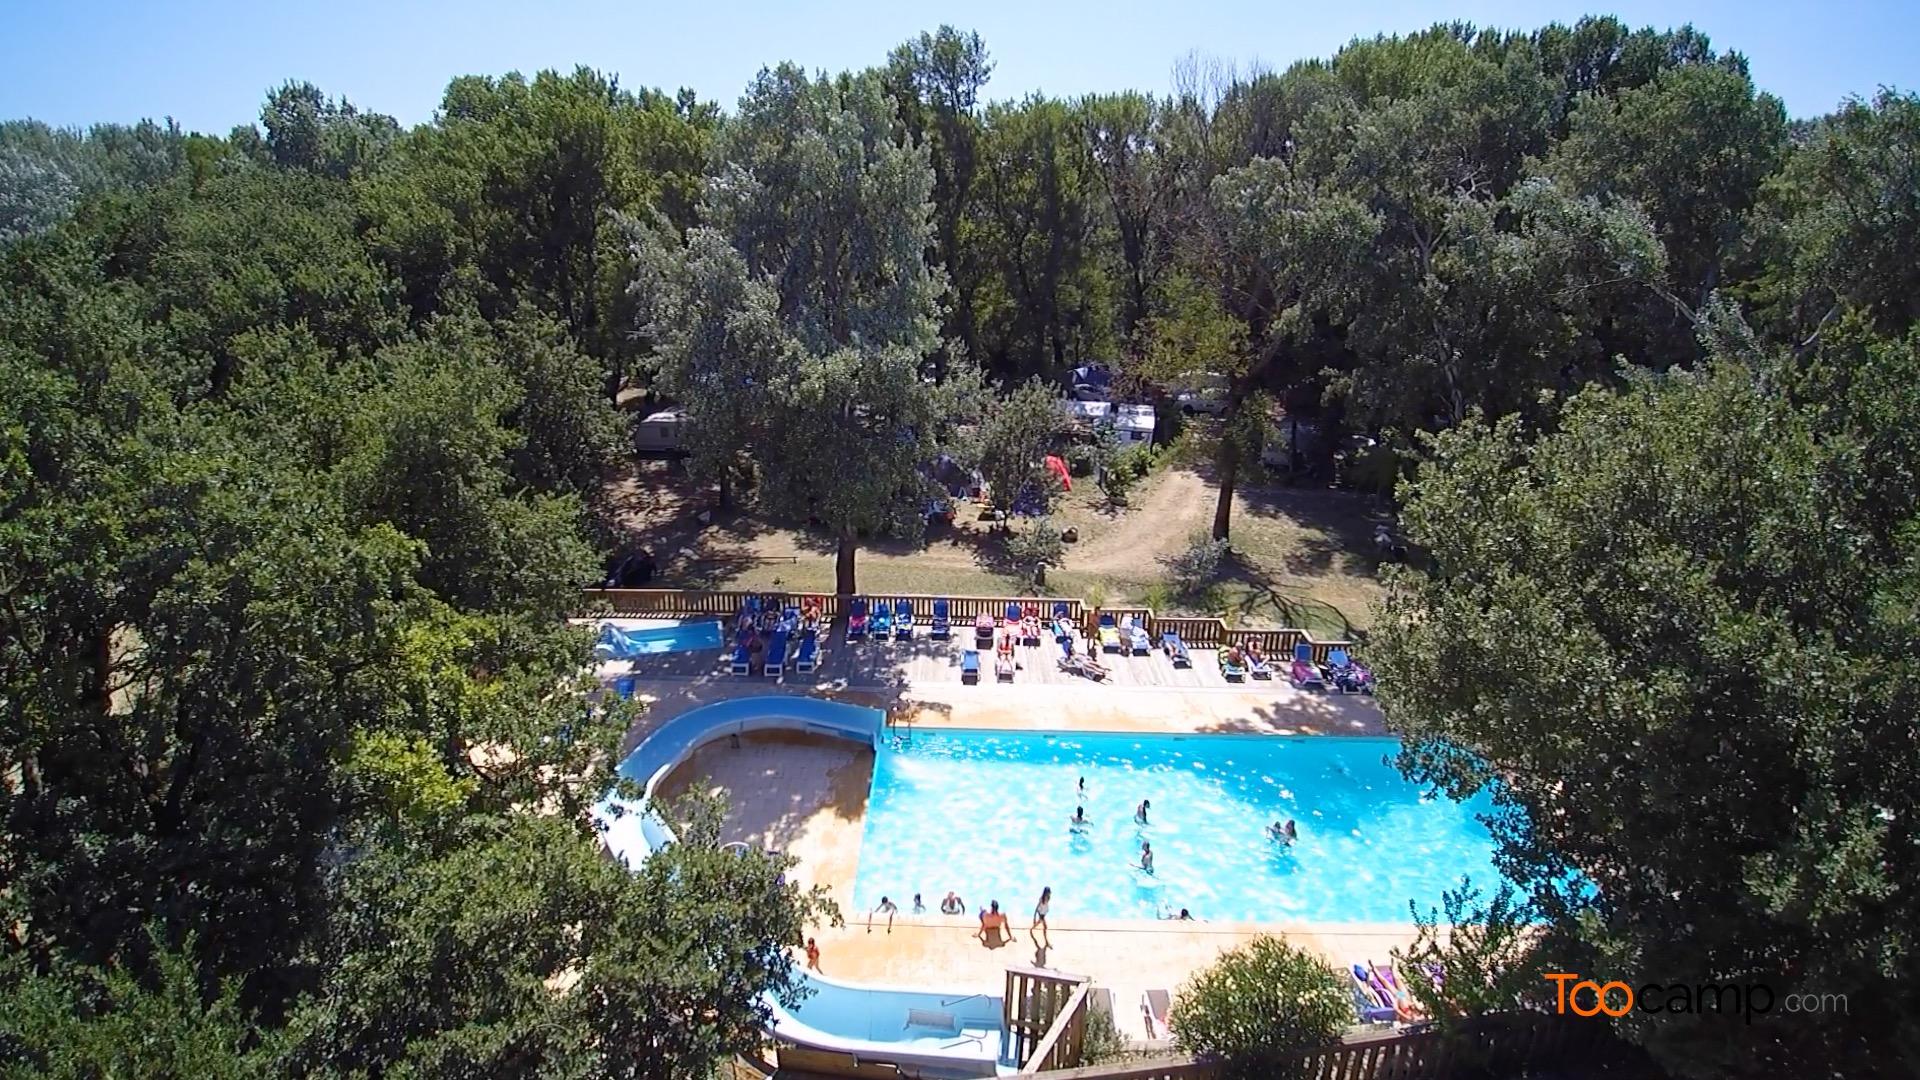 Camping - Le Bois des Roches - Bouchet - Rhône-Alpes - France